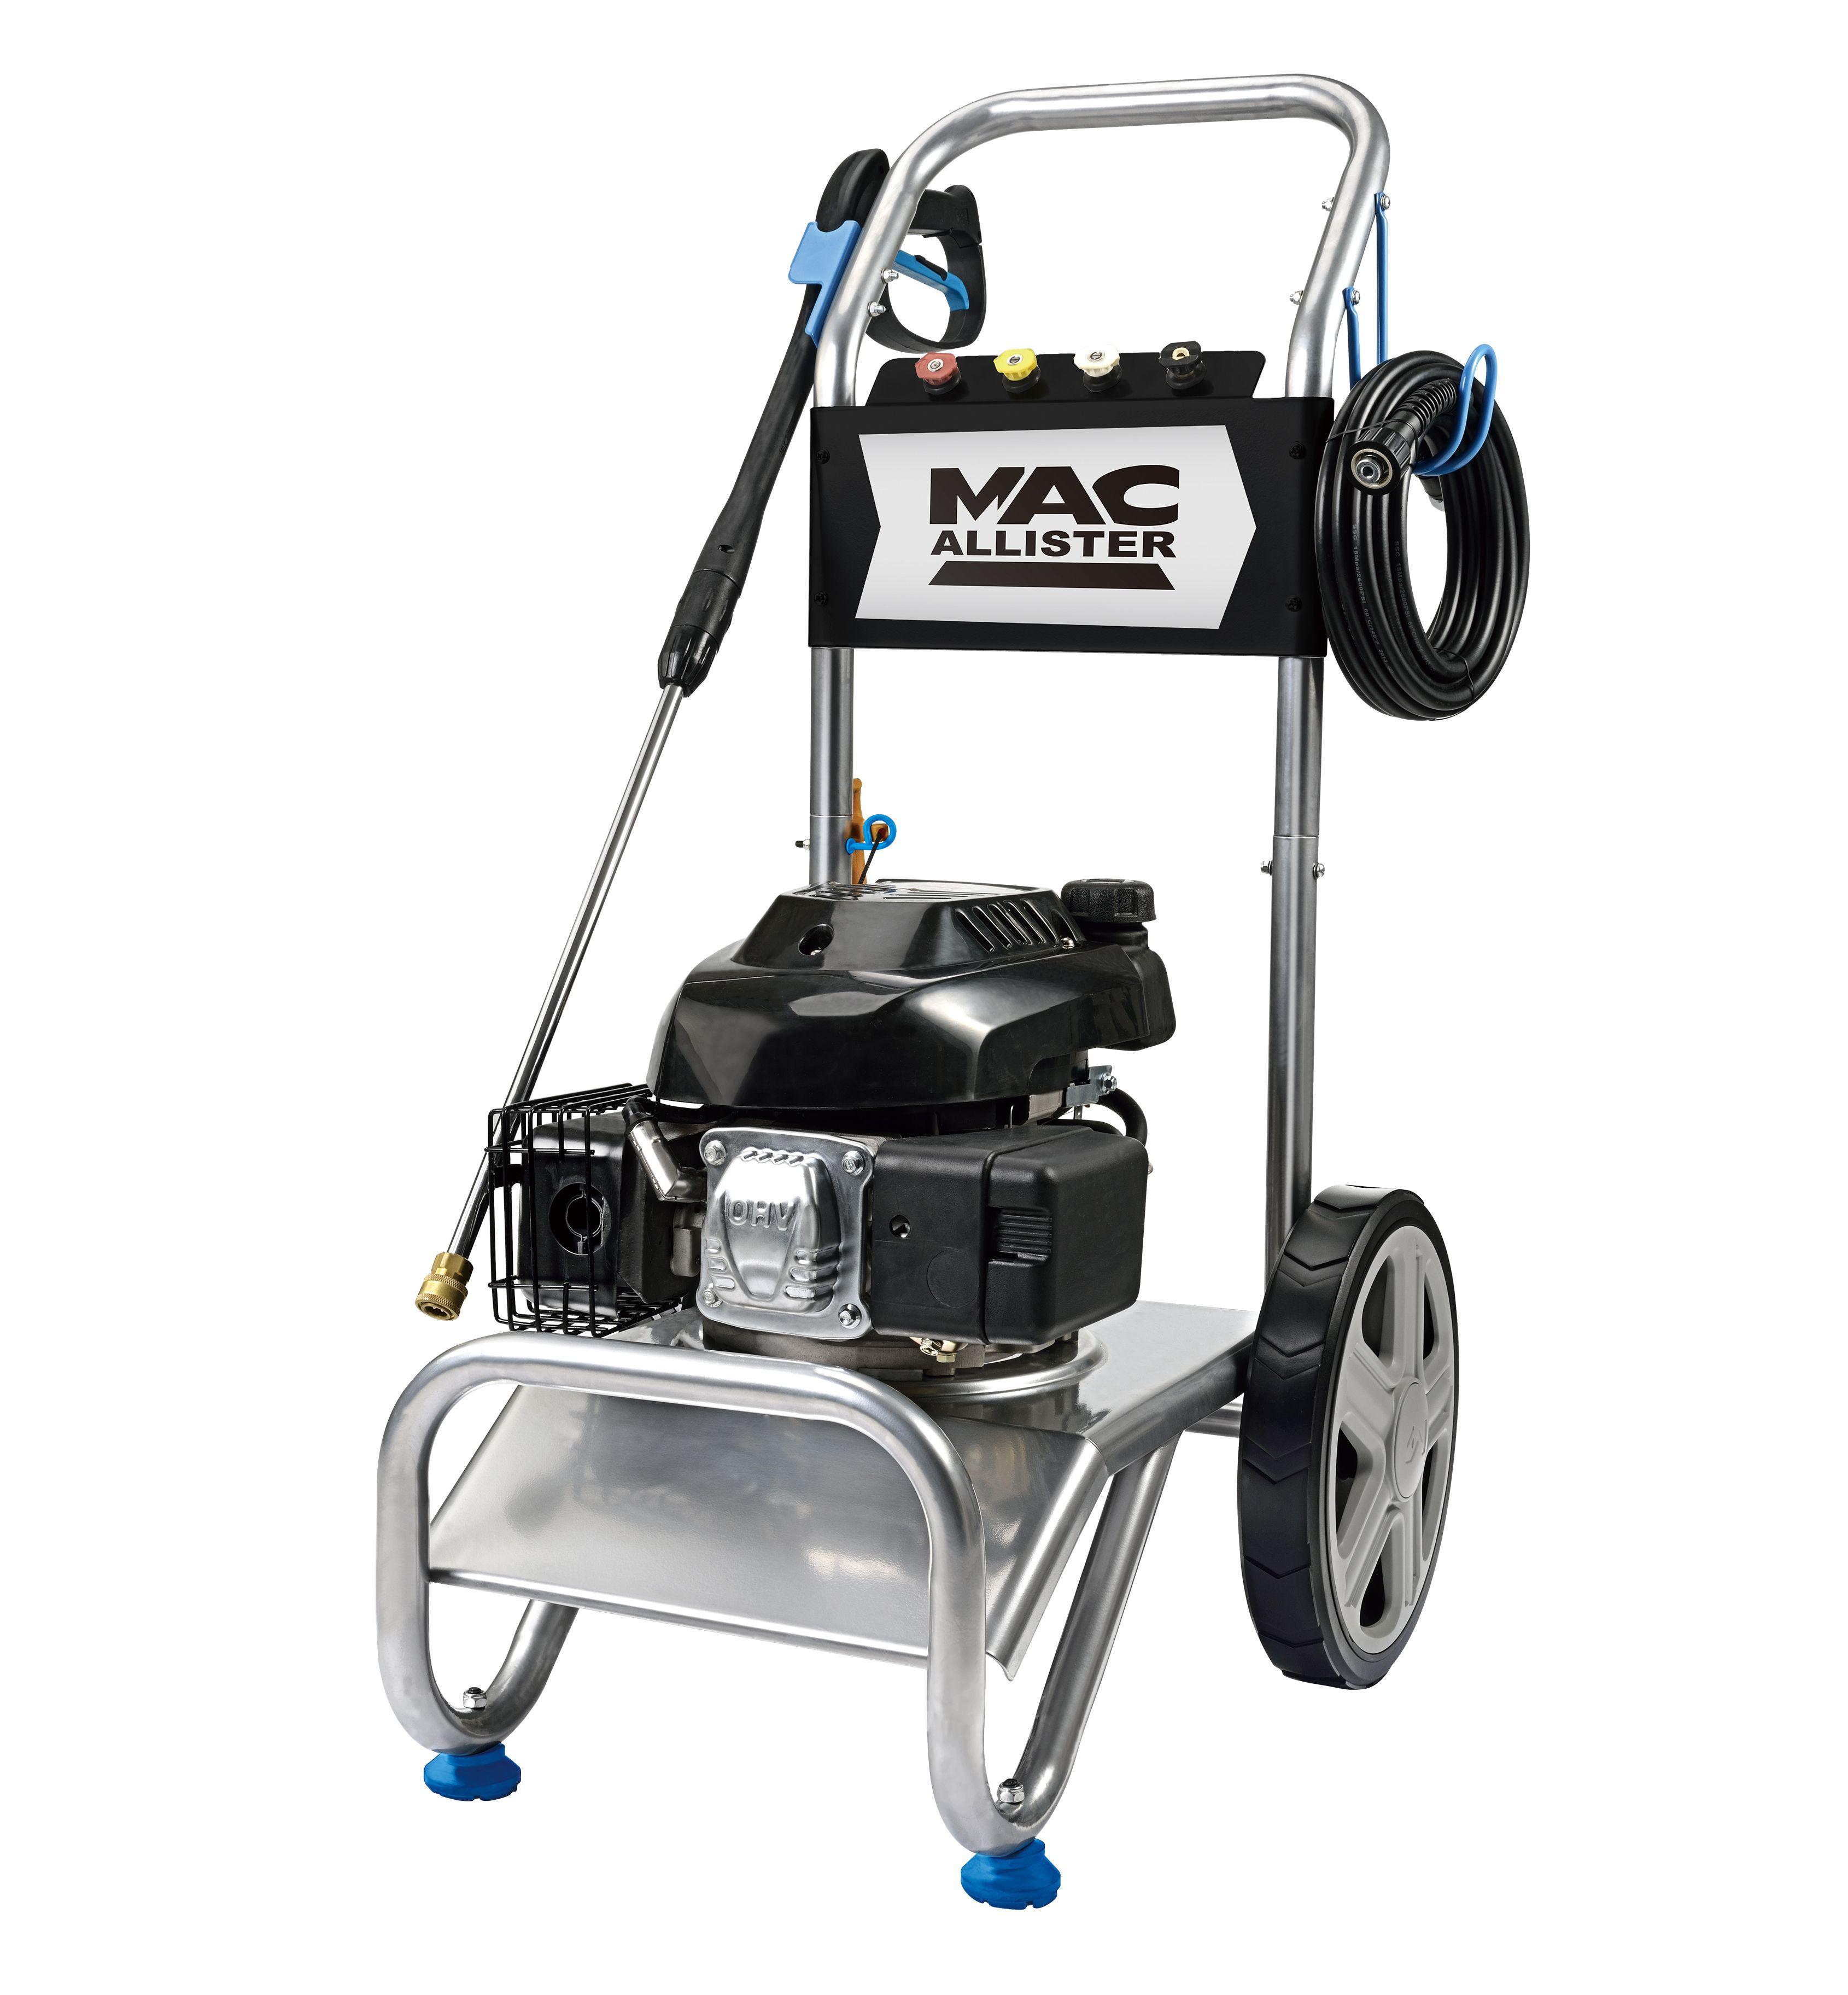 mac allister 4 0 hp pressure washer 180 bar departments. Black Bedroom Furniture Sets. Home Design Ideas